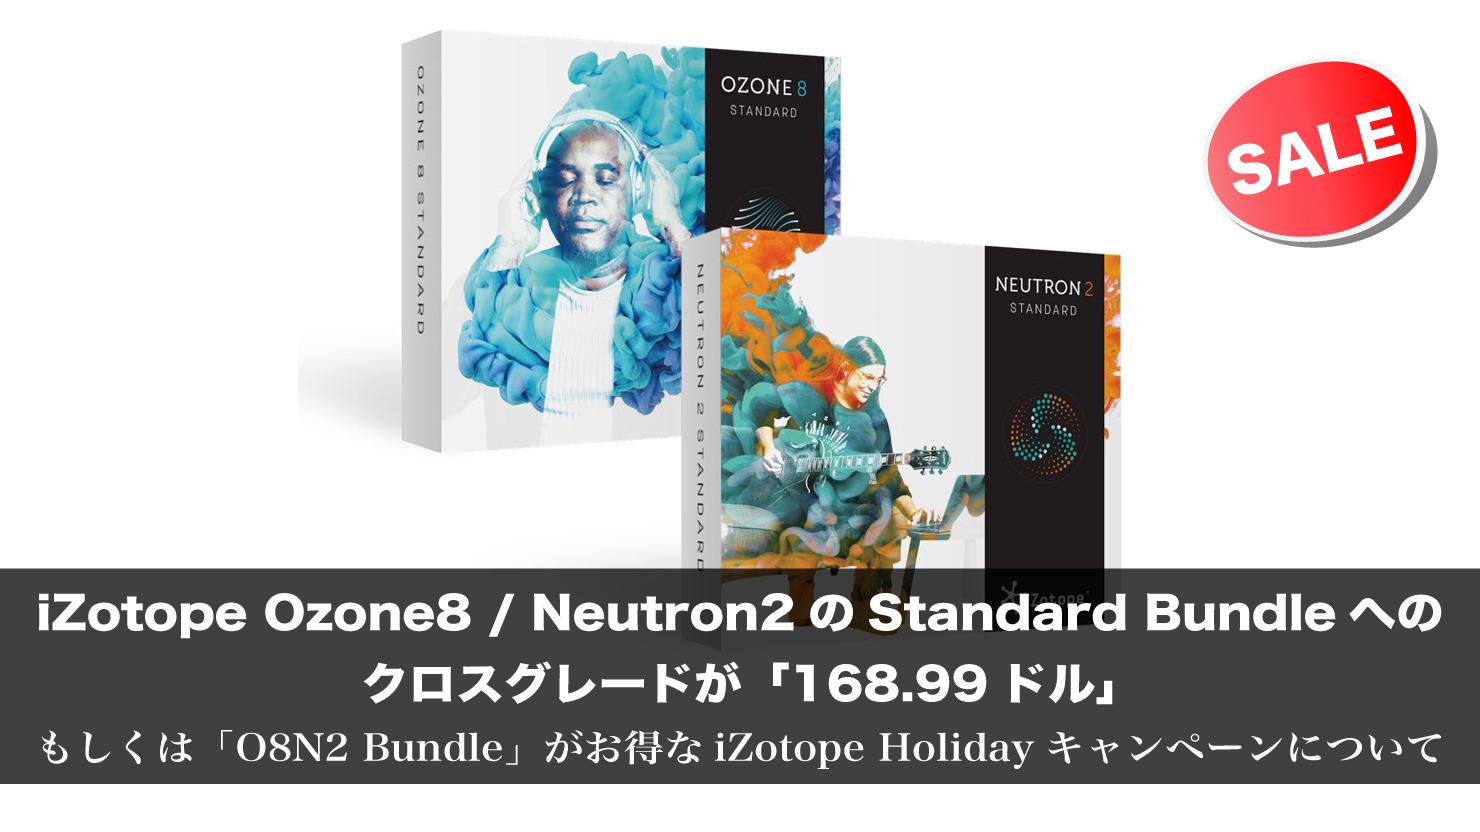 iZotope Ozone8 / Neutron2のStandardバンドルへのクロスグレードが「168.99ドル」と「Holidayキャンペーン」について